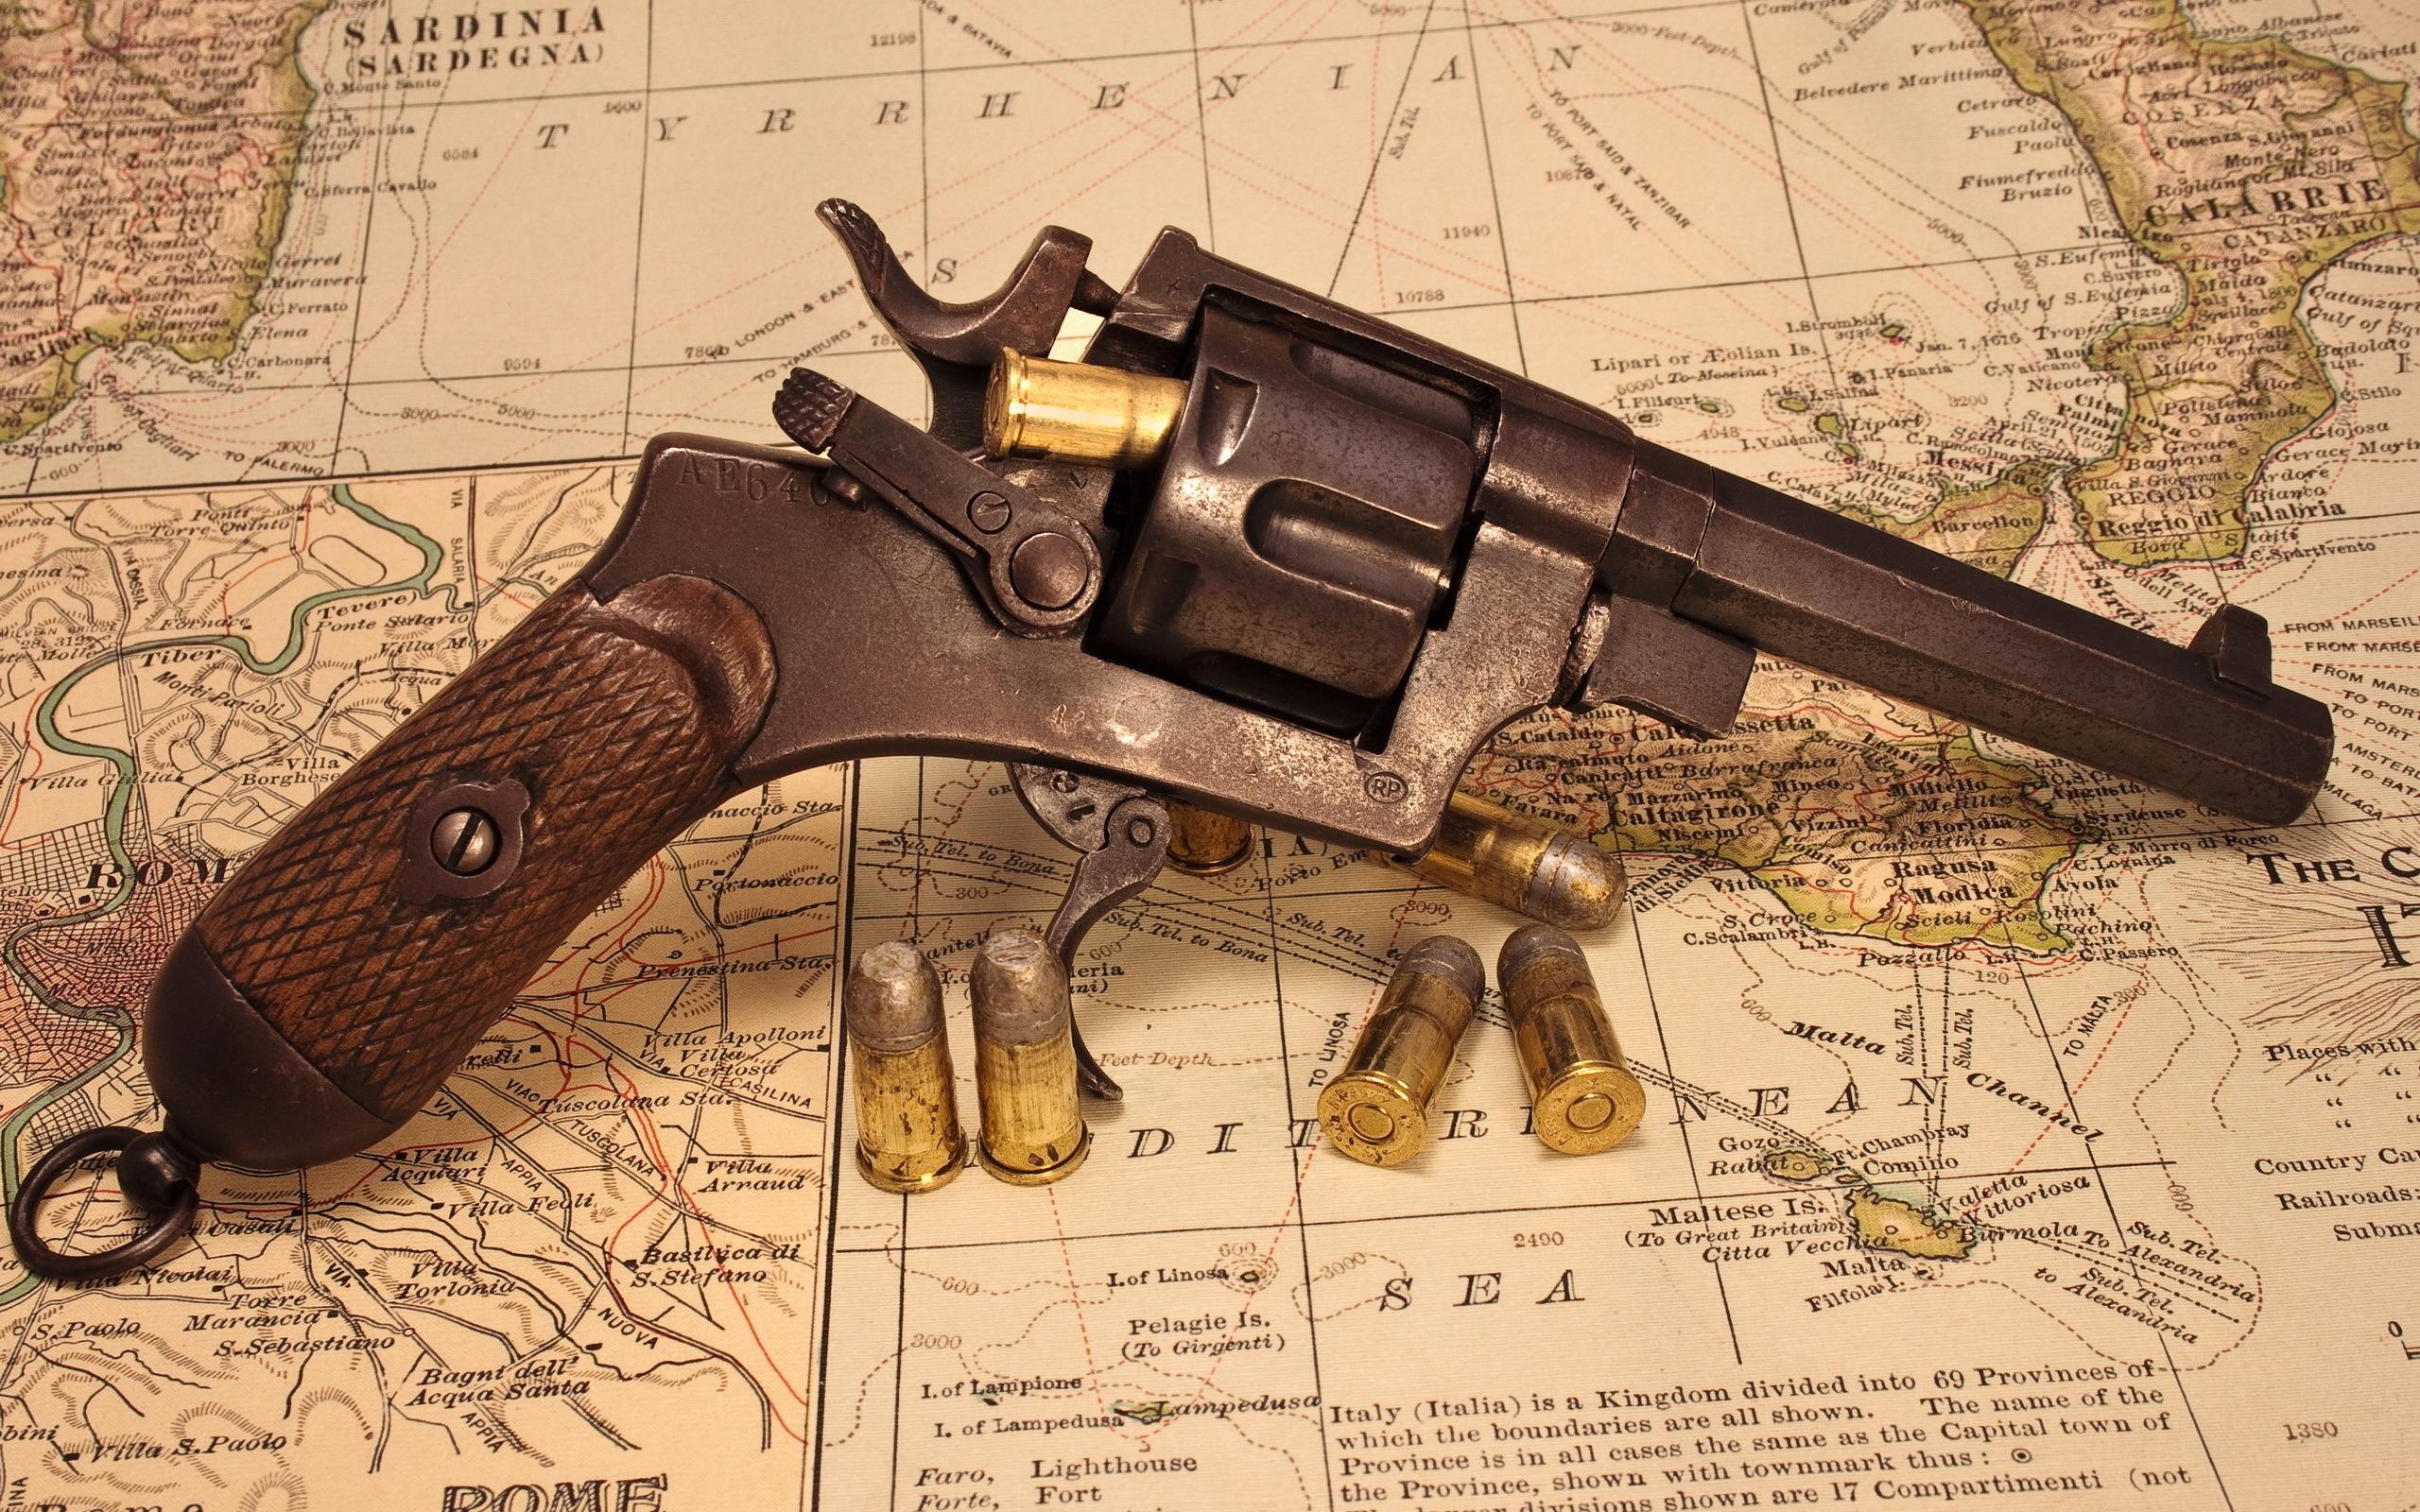 револьвер, пистолет, пули